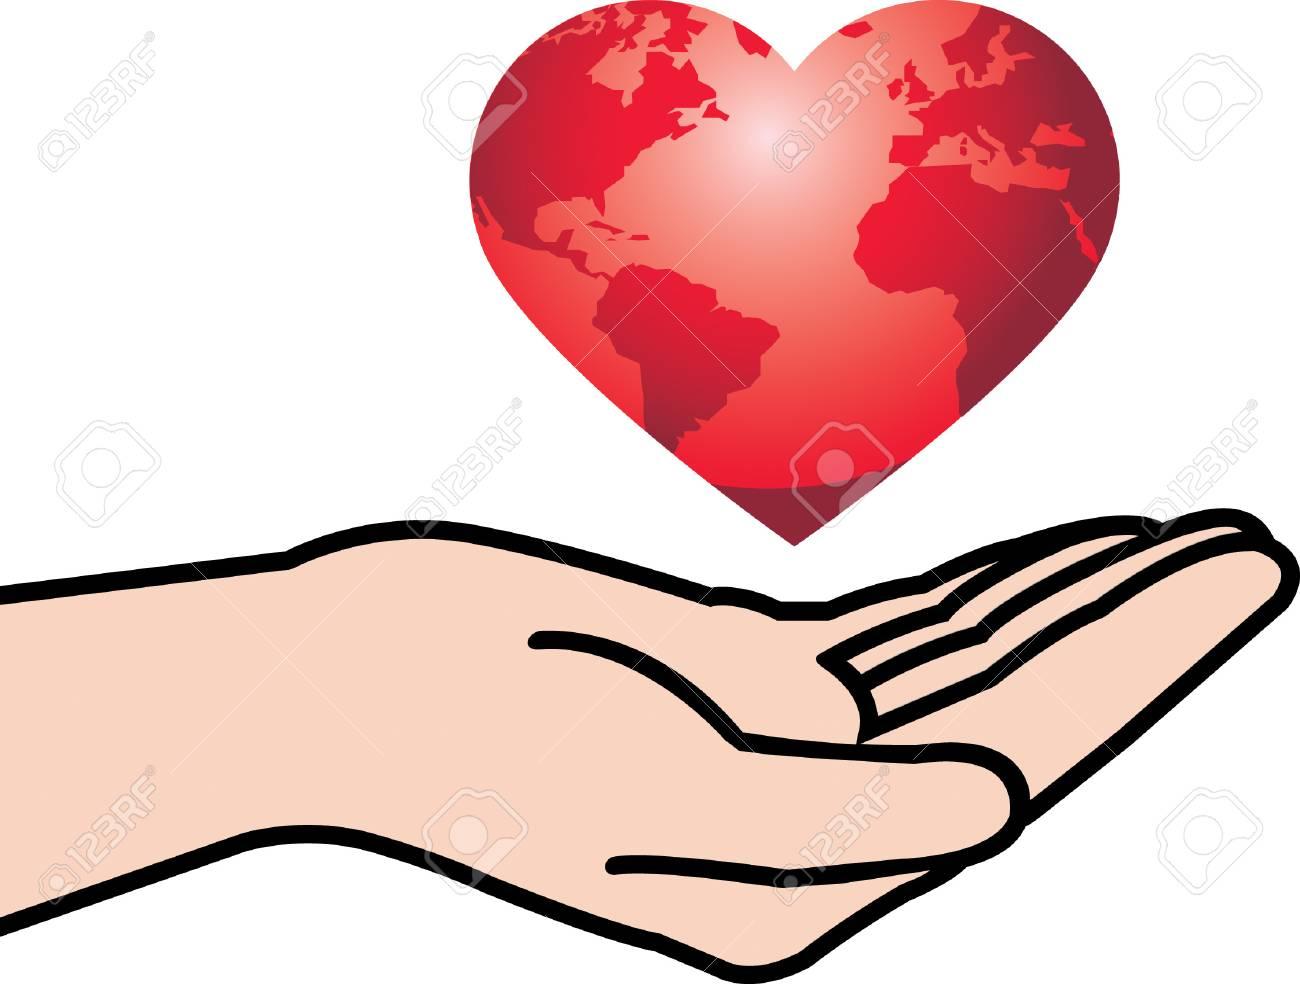 Hand Heart Stock Vector - 24769636